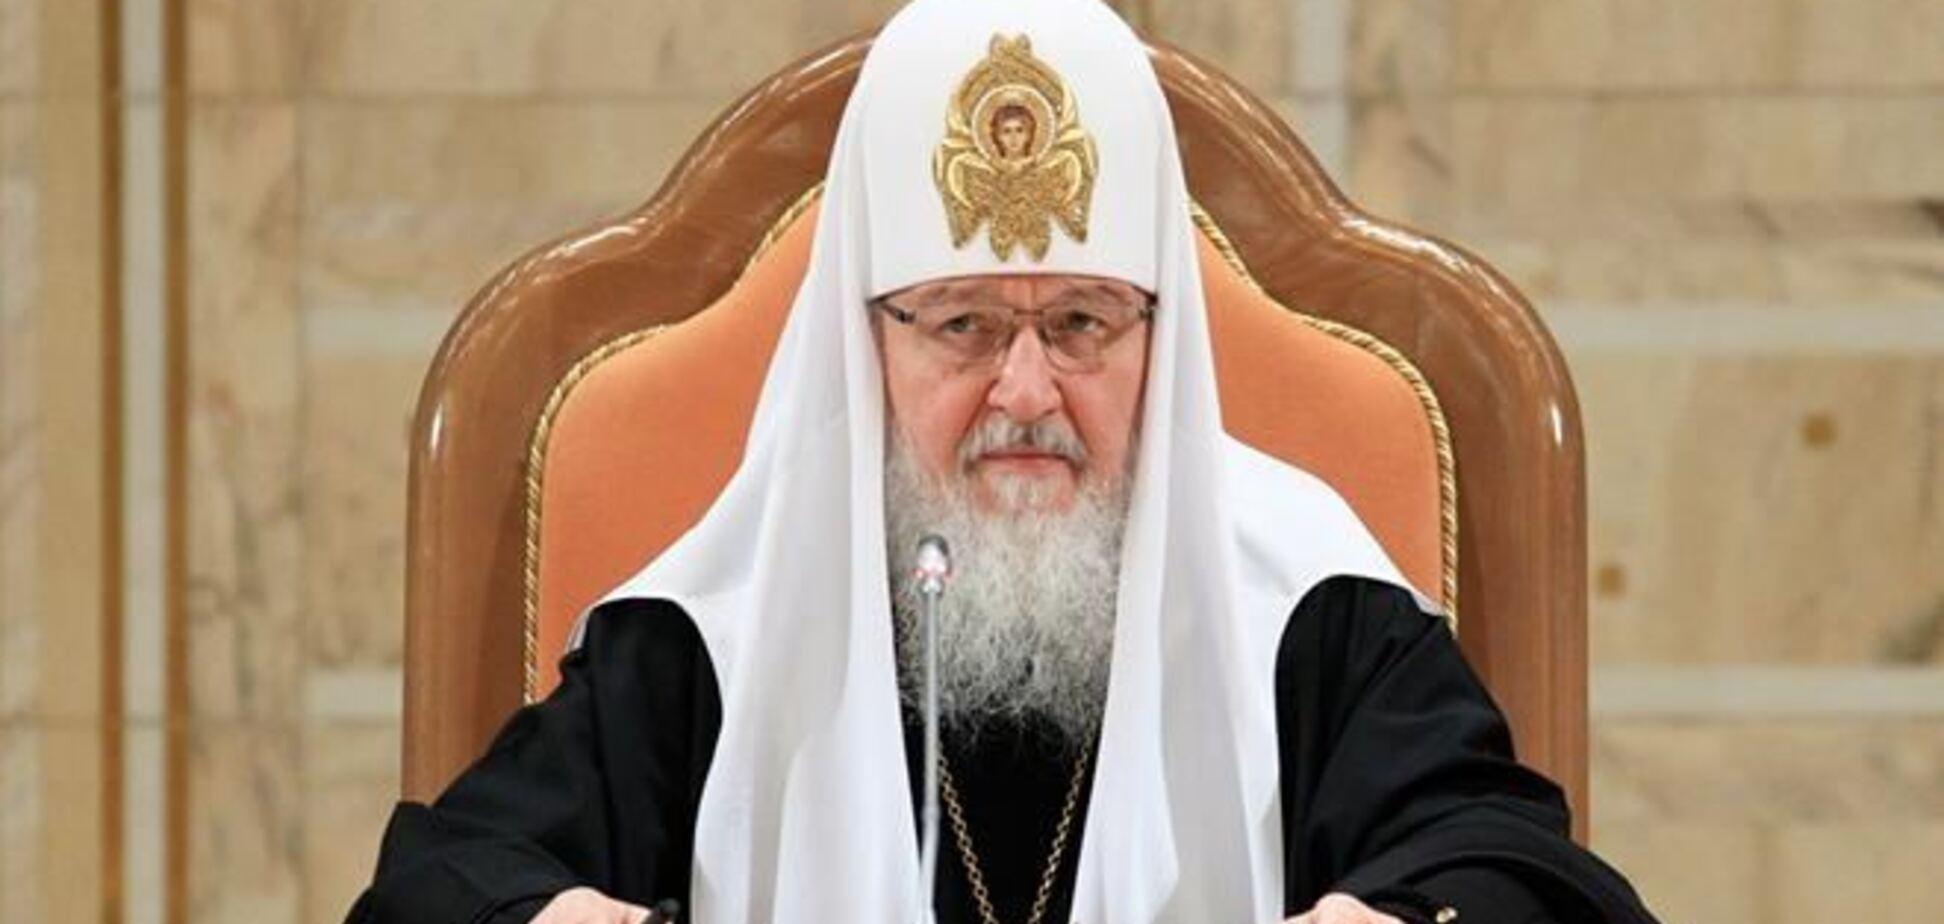 Патриарх Кирилл призвал Турчинова не допустить насилия